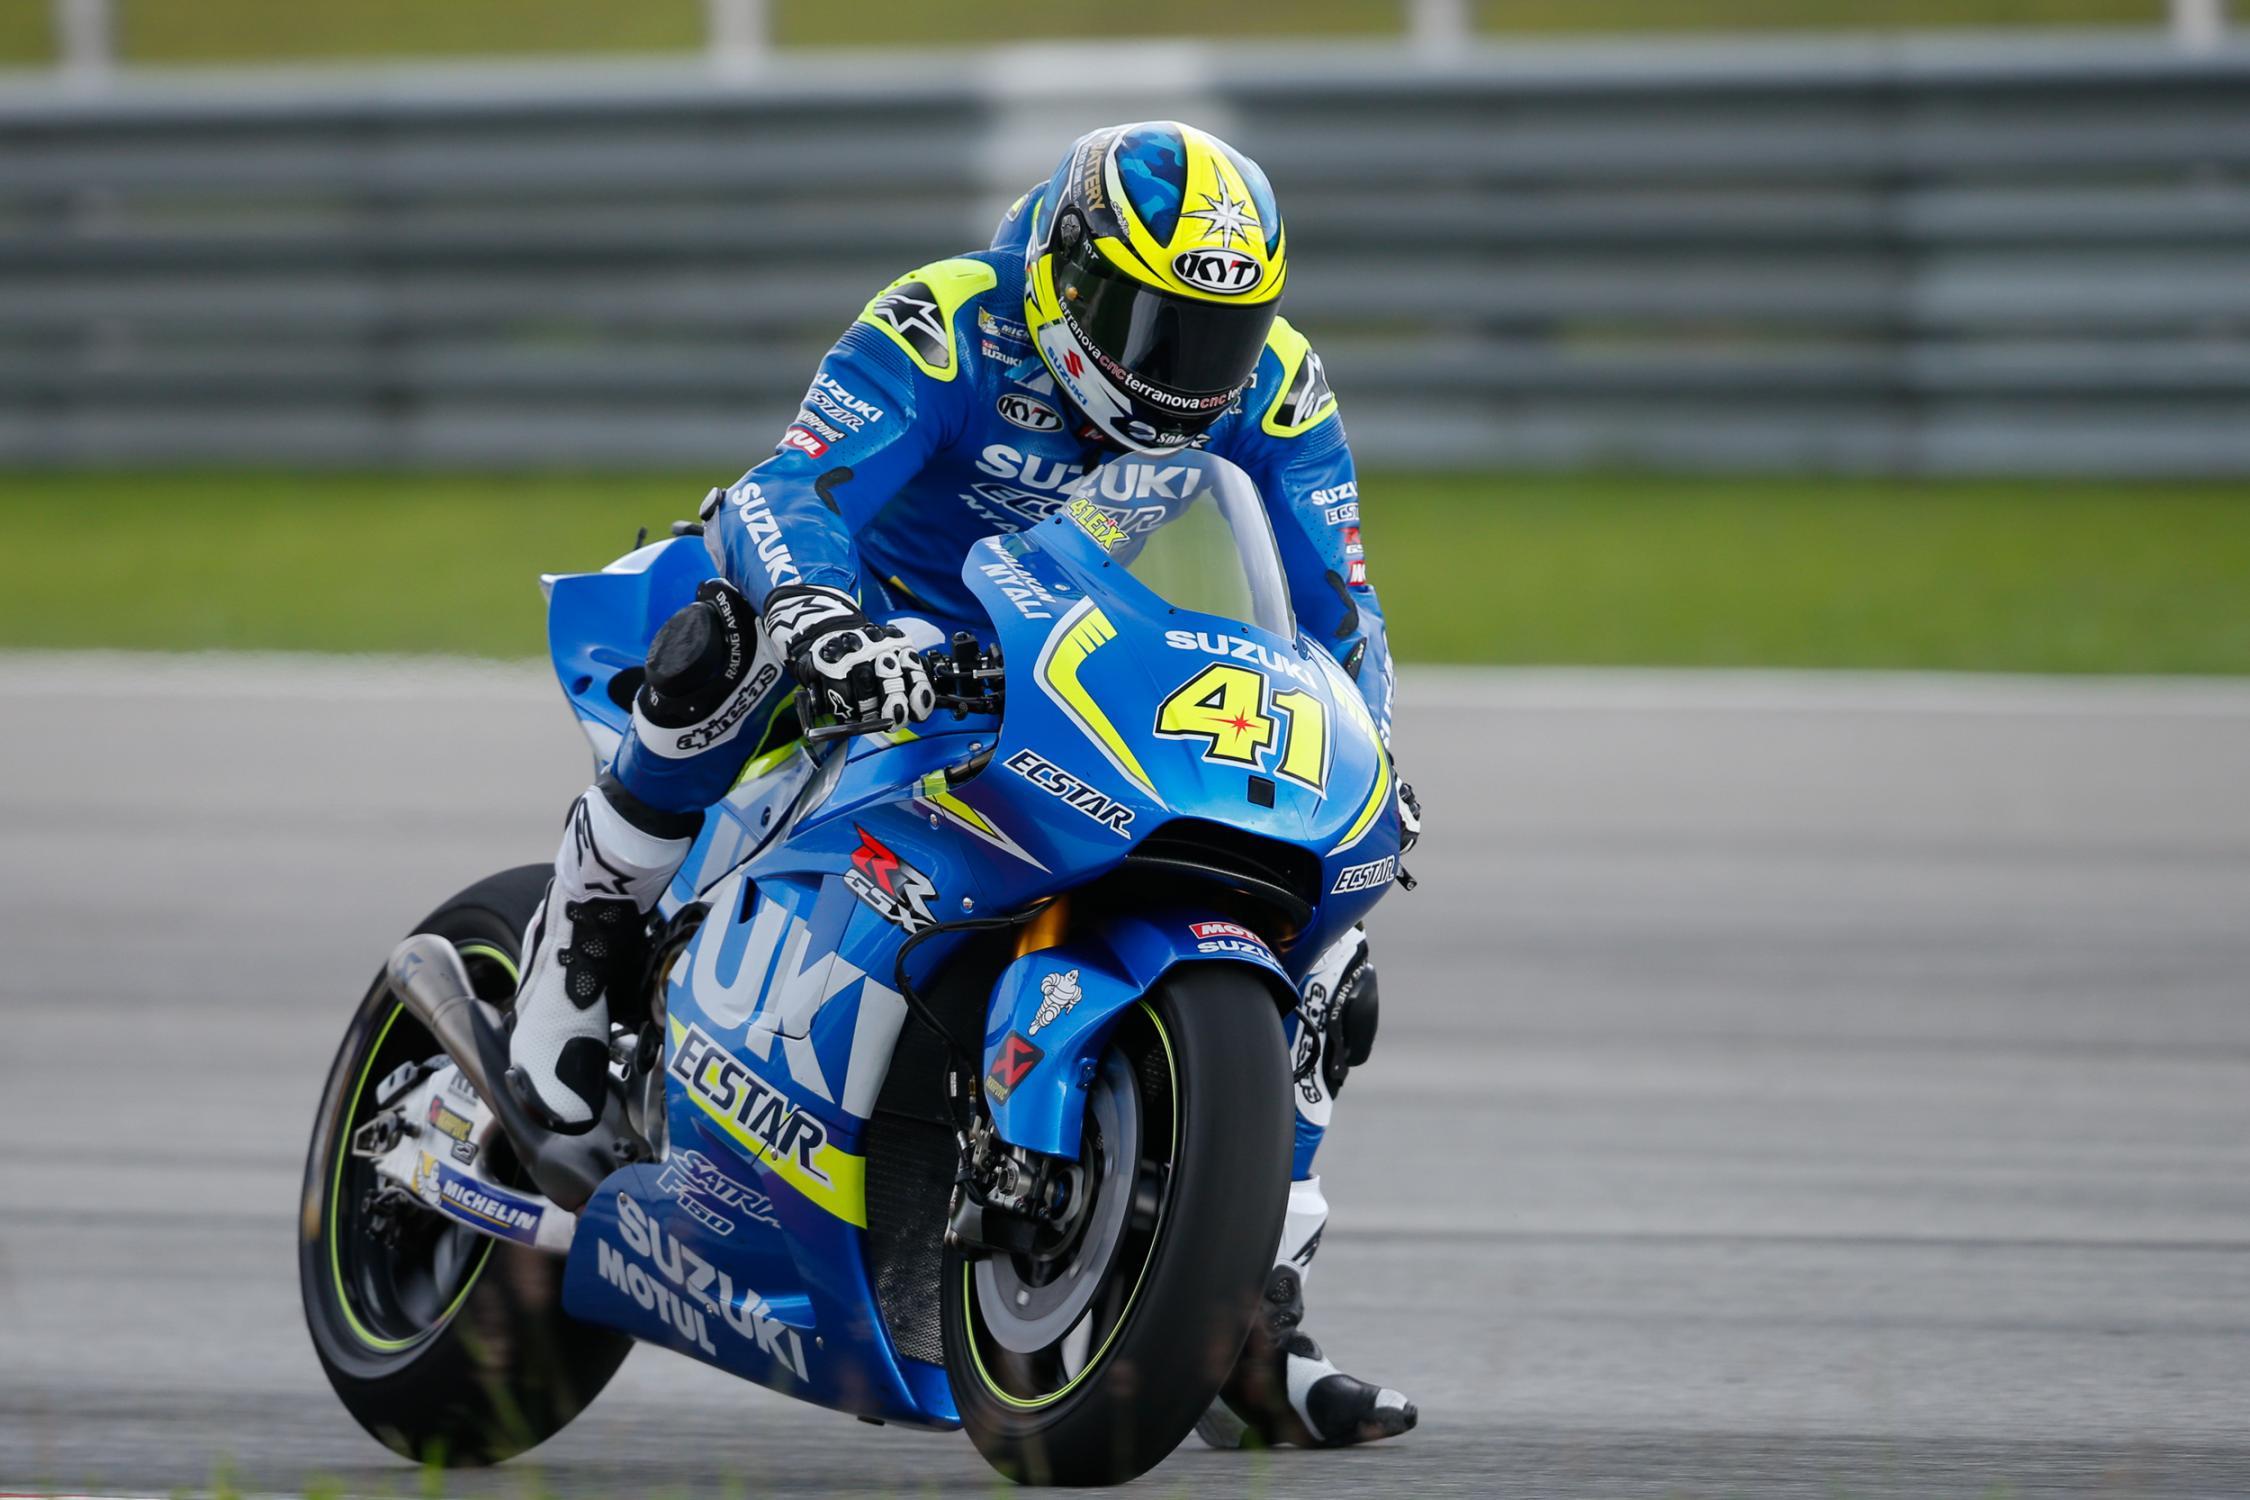 Test MotoGP Sepang 2016 41-espargaro_gp_4732.gallery_full_top_fullscreen